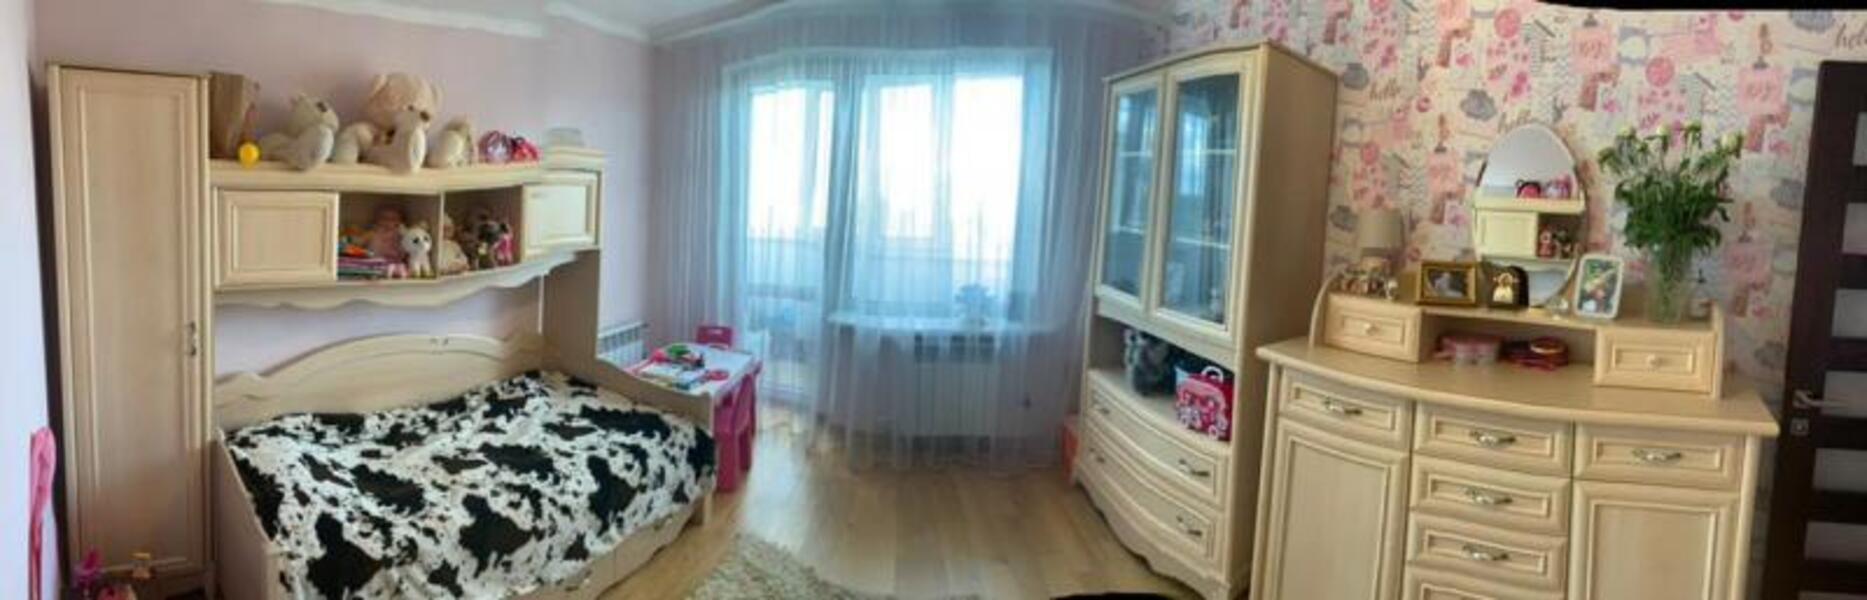 Купить 4-комнатная квартира, Харьков, Салтовка, Академика Барабашова